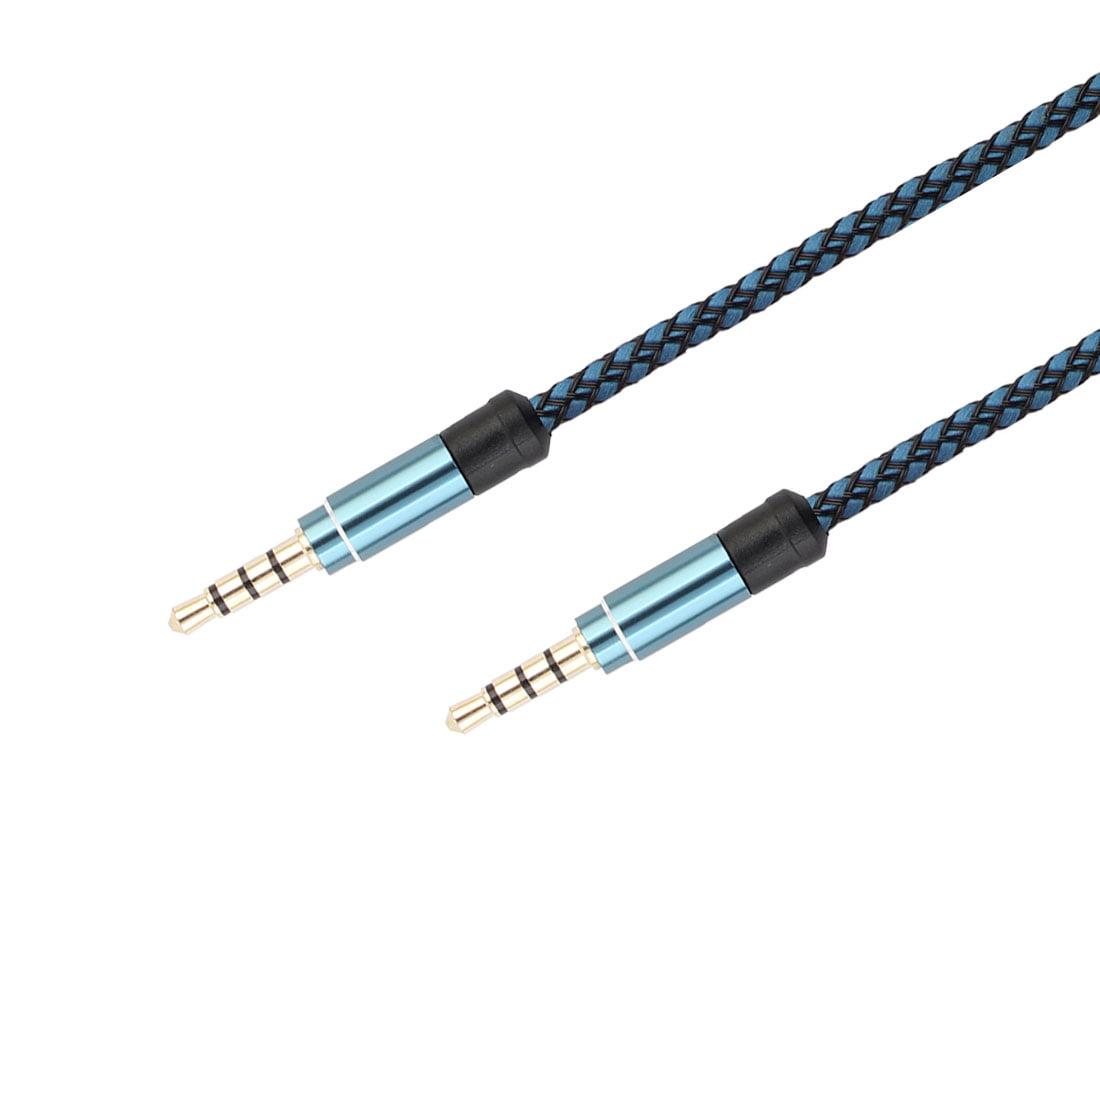 Unique BargainsMP3 Player Nylon Anti-Friction 3.5mm Male to Male Aux Cord Audio Cable Blue - image 4 de 5